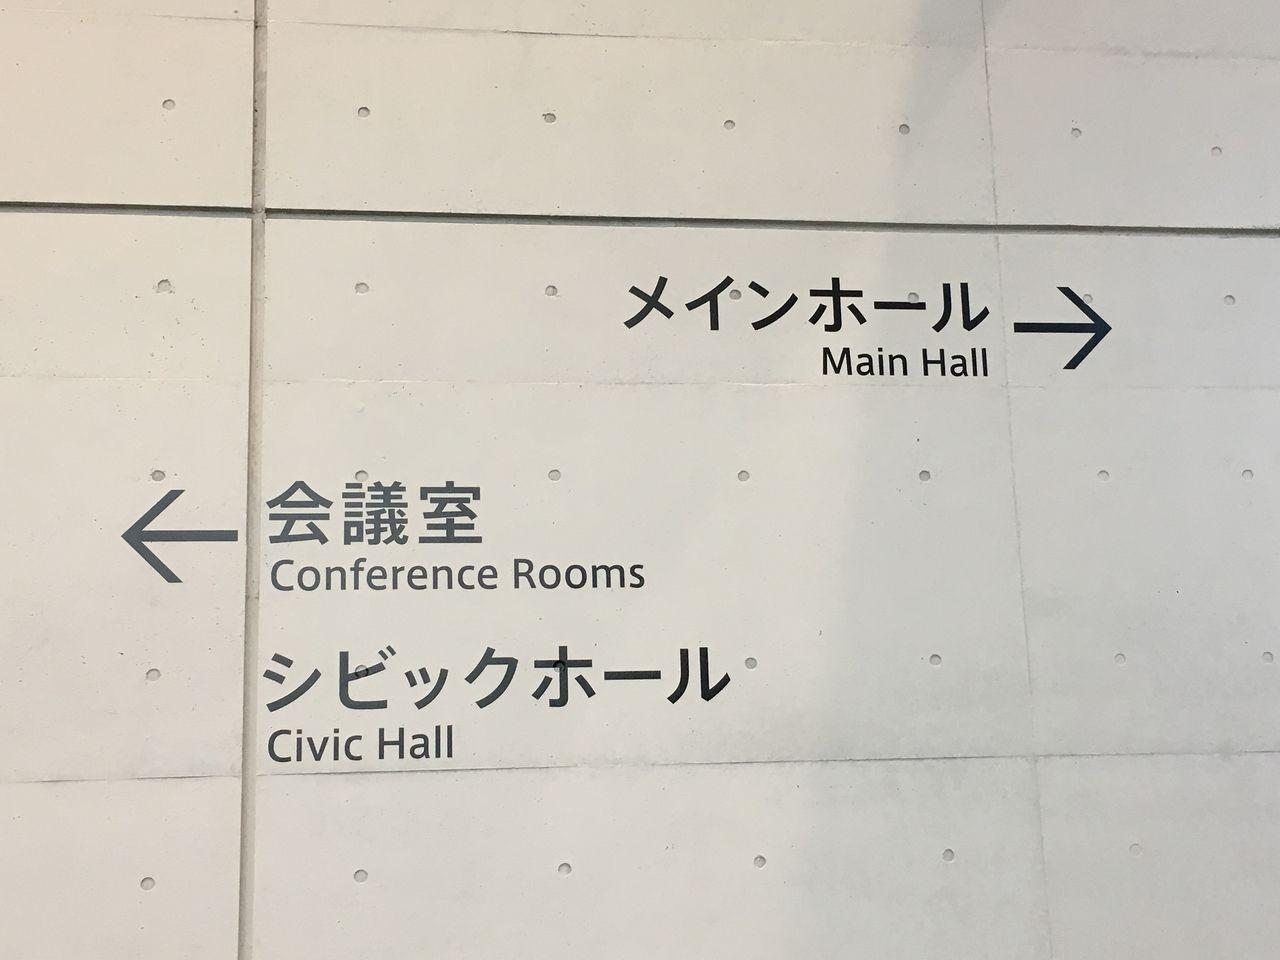 メインホール・会議室・シビックホールへの案内表示